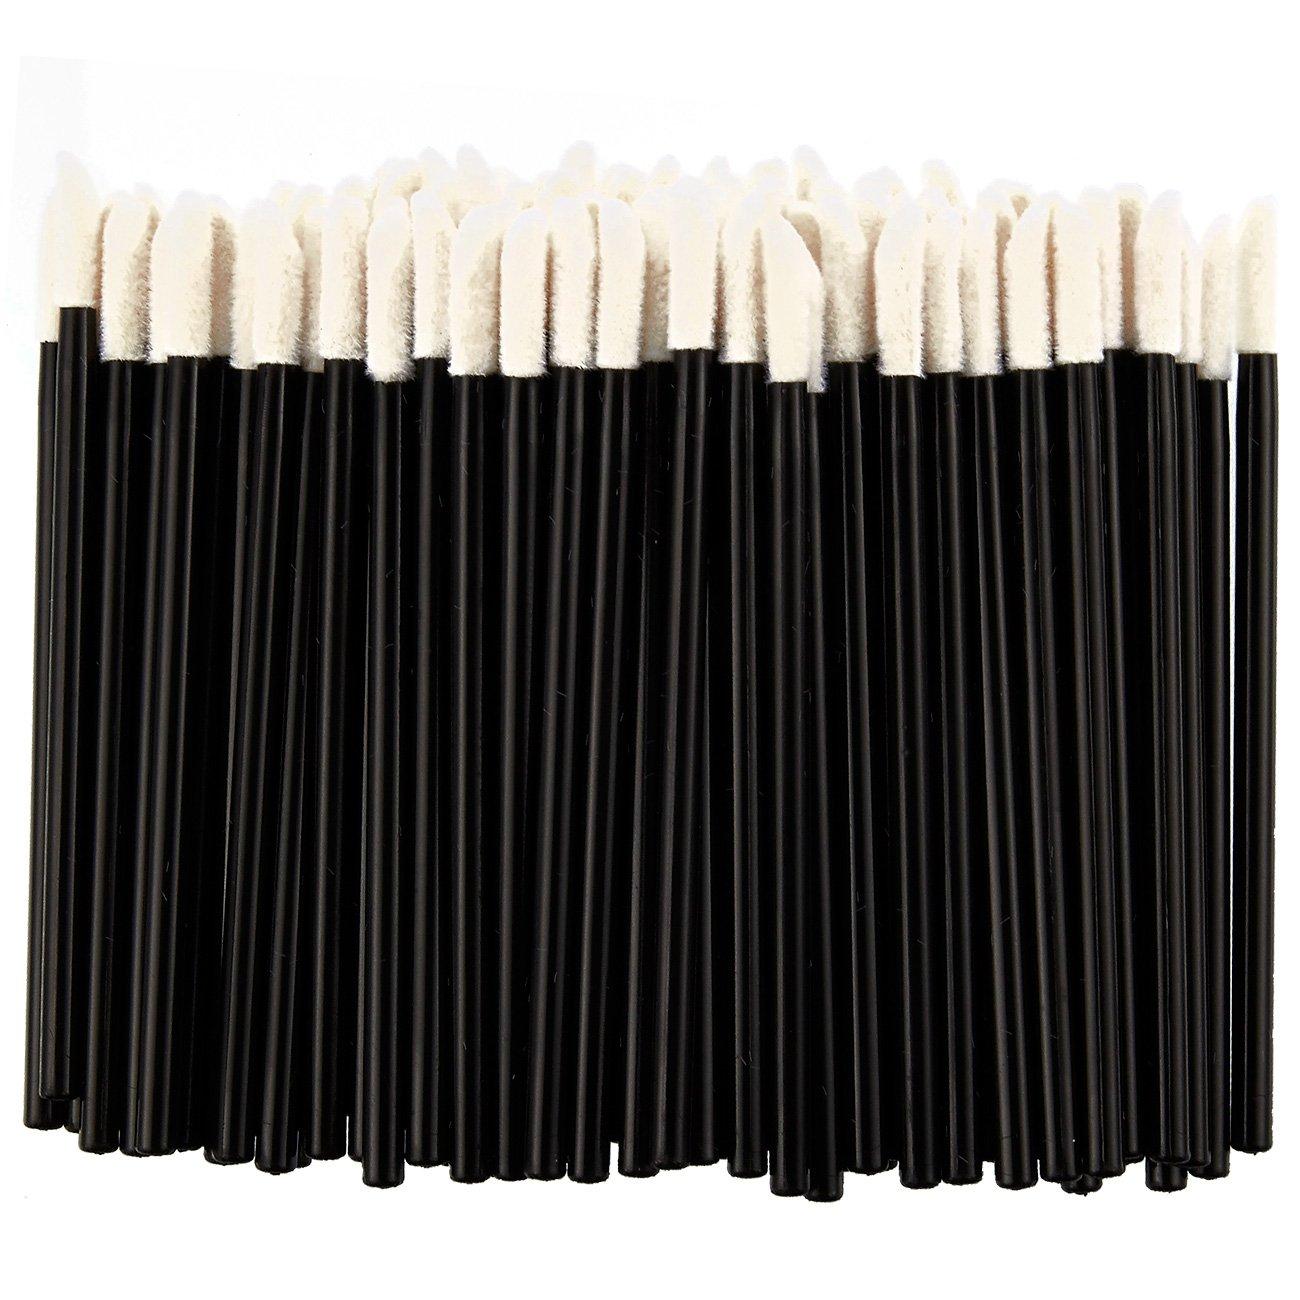 El paquete viene con 100 aplicadores de labios desechables en color crema. Ideal para aplicar pintalabios y brillo de labios. Estos pinceles desechables de labios están hechos de plástico de alta calidad y son seguros de usar. El cepillo se dobla fácilment